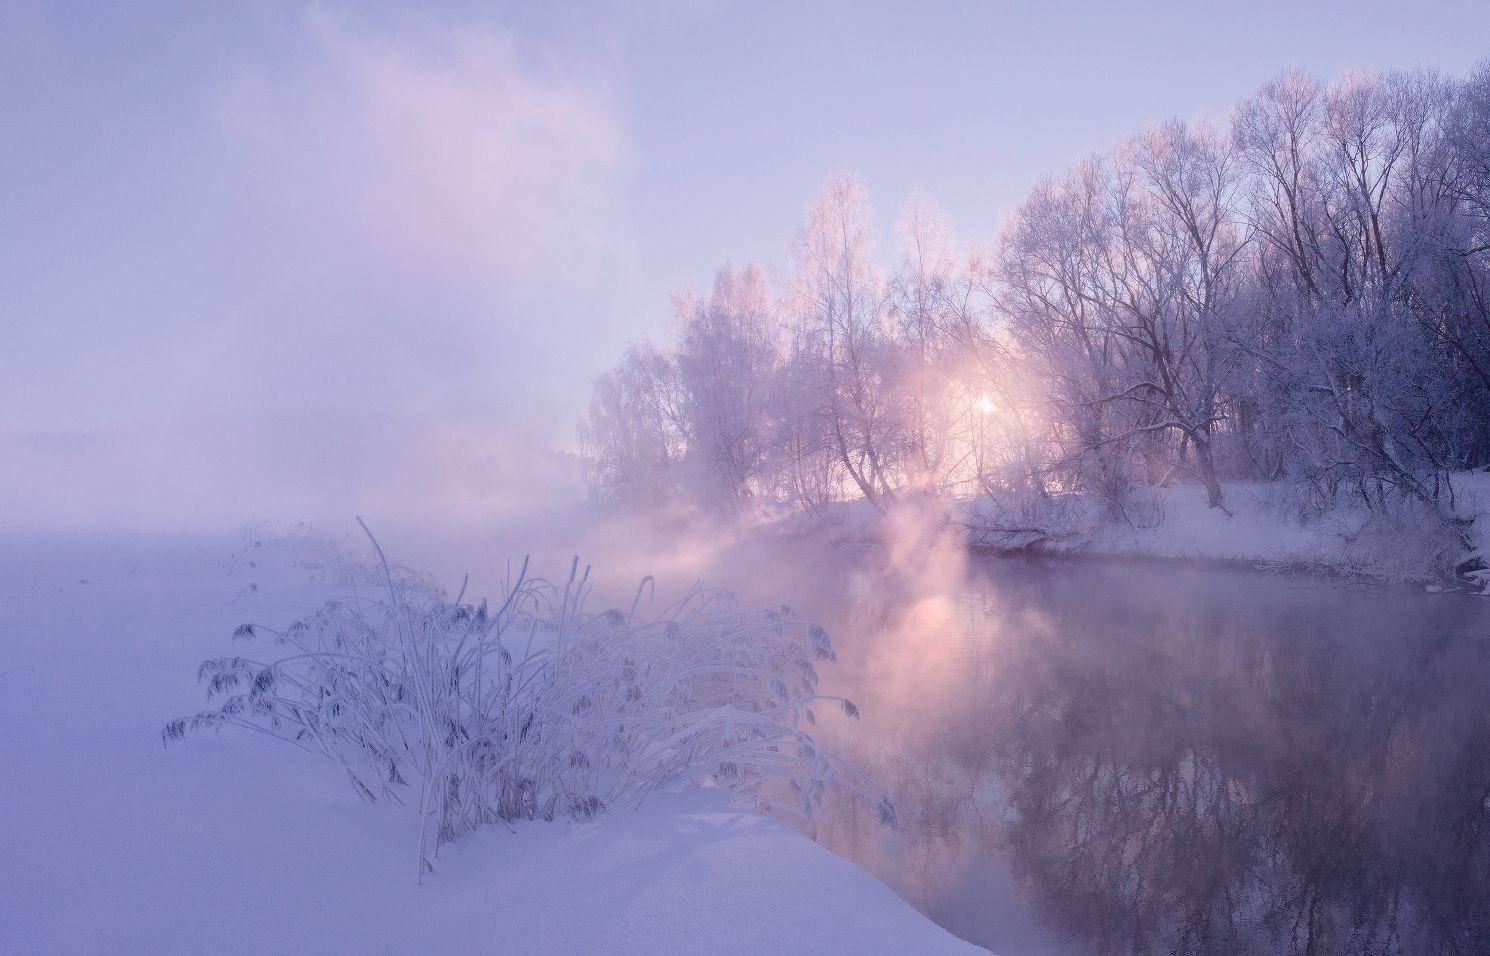 Фото в тумане с лучами и солнцем